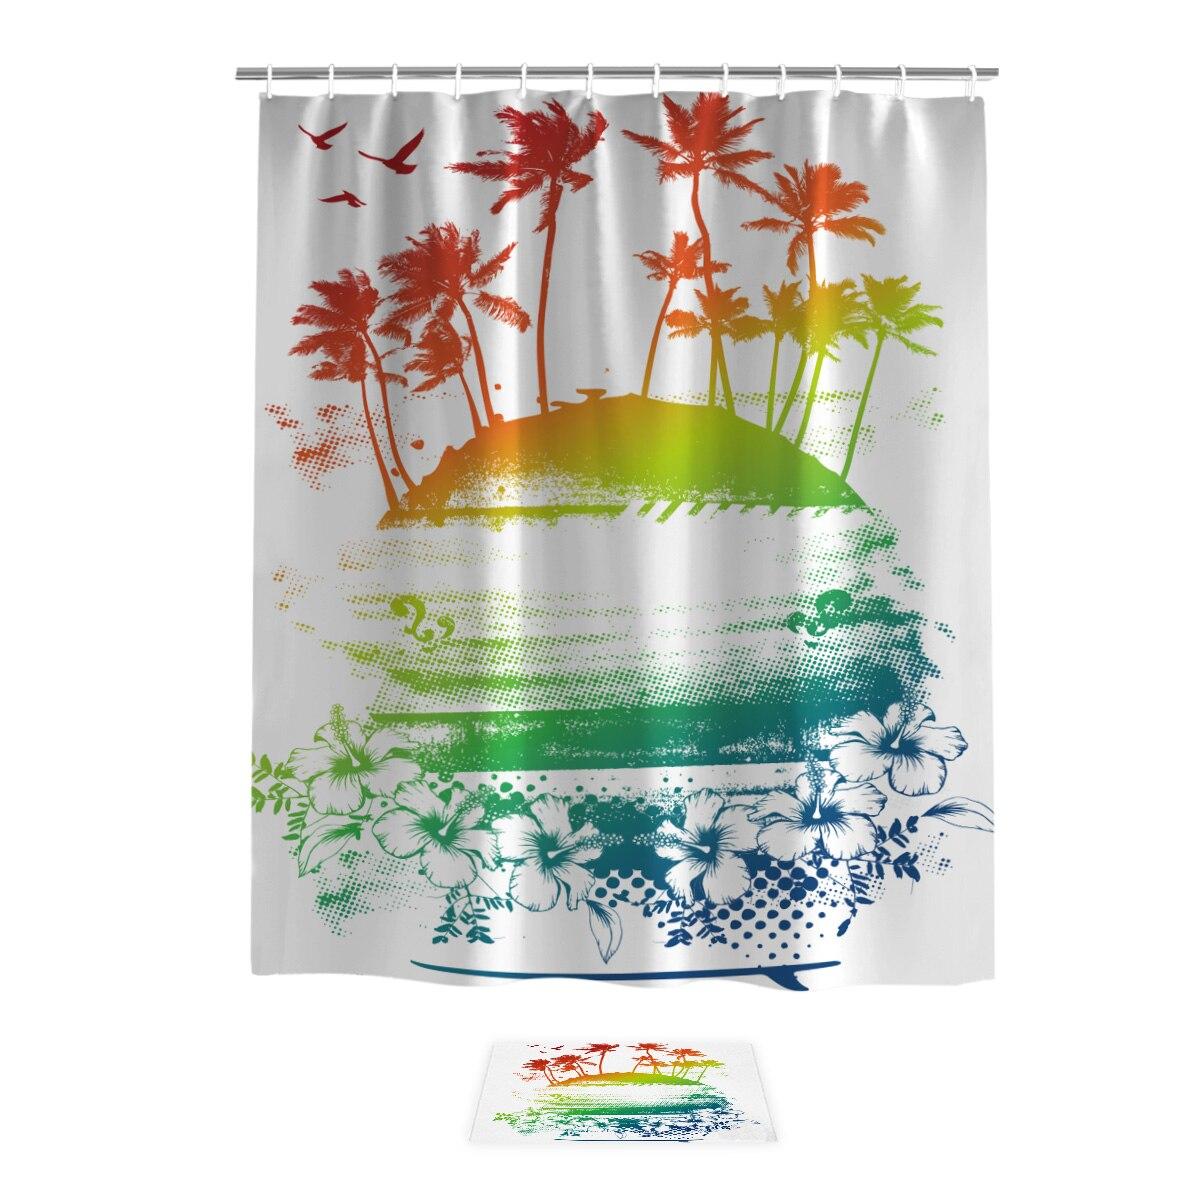 Esterilla de baño para surfear en Hawaii, con cortina de ducha, anillos exteriores, bonitos juegos divertidos de cortinas de ducha con alfombras y toallas